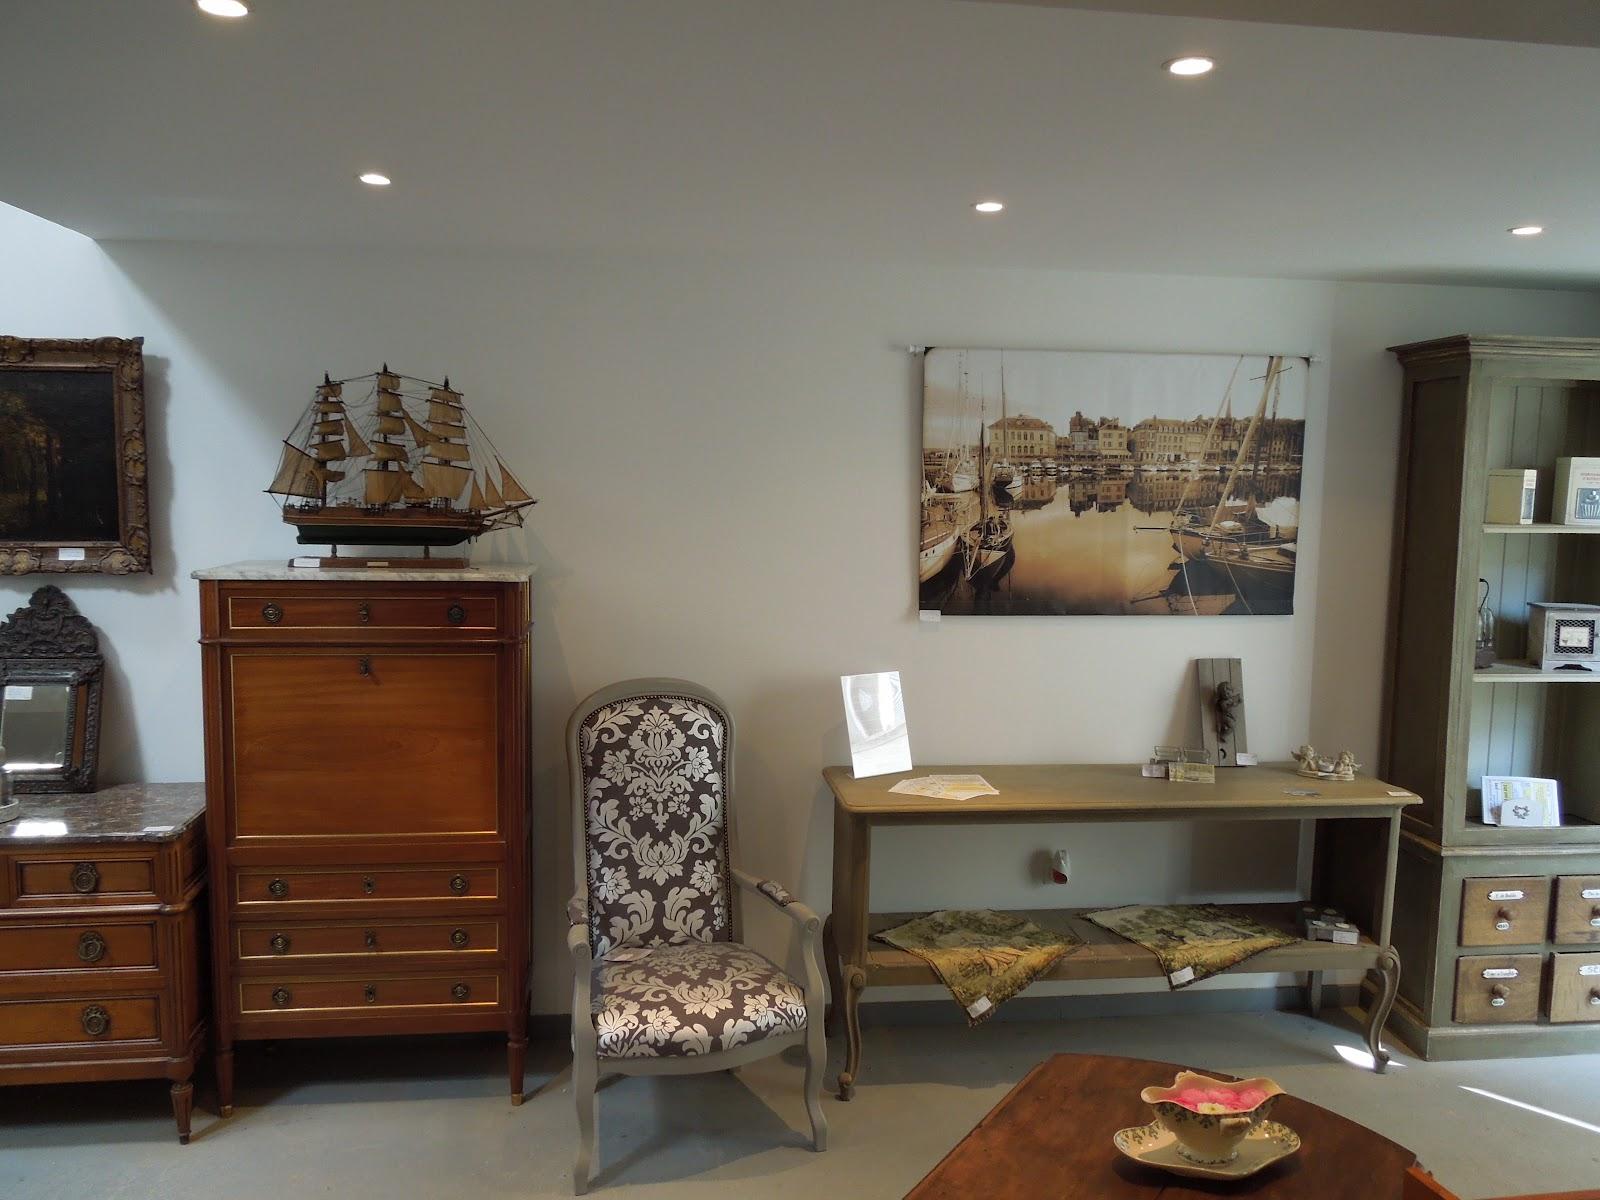 d p t vente honfleur le grenier de honfleur entrez entrez c 39 est ouvert depuis le 6 avril. Black Bedroom Furniture Sets. Home Design Ideas